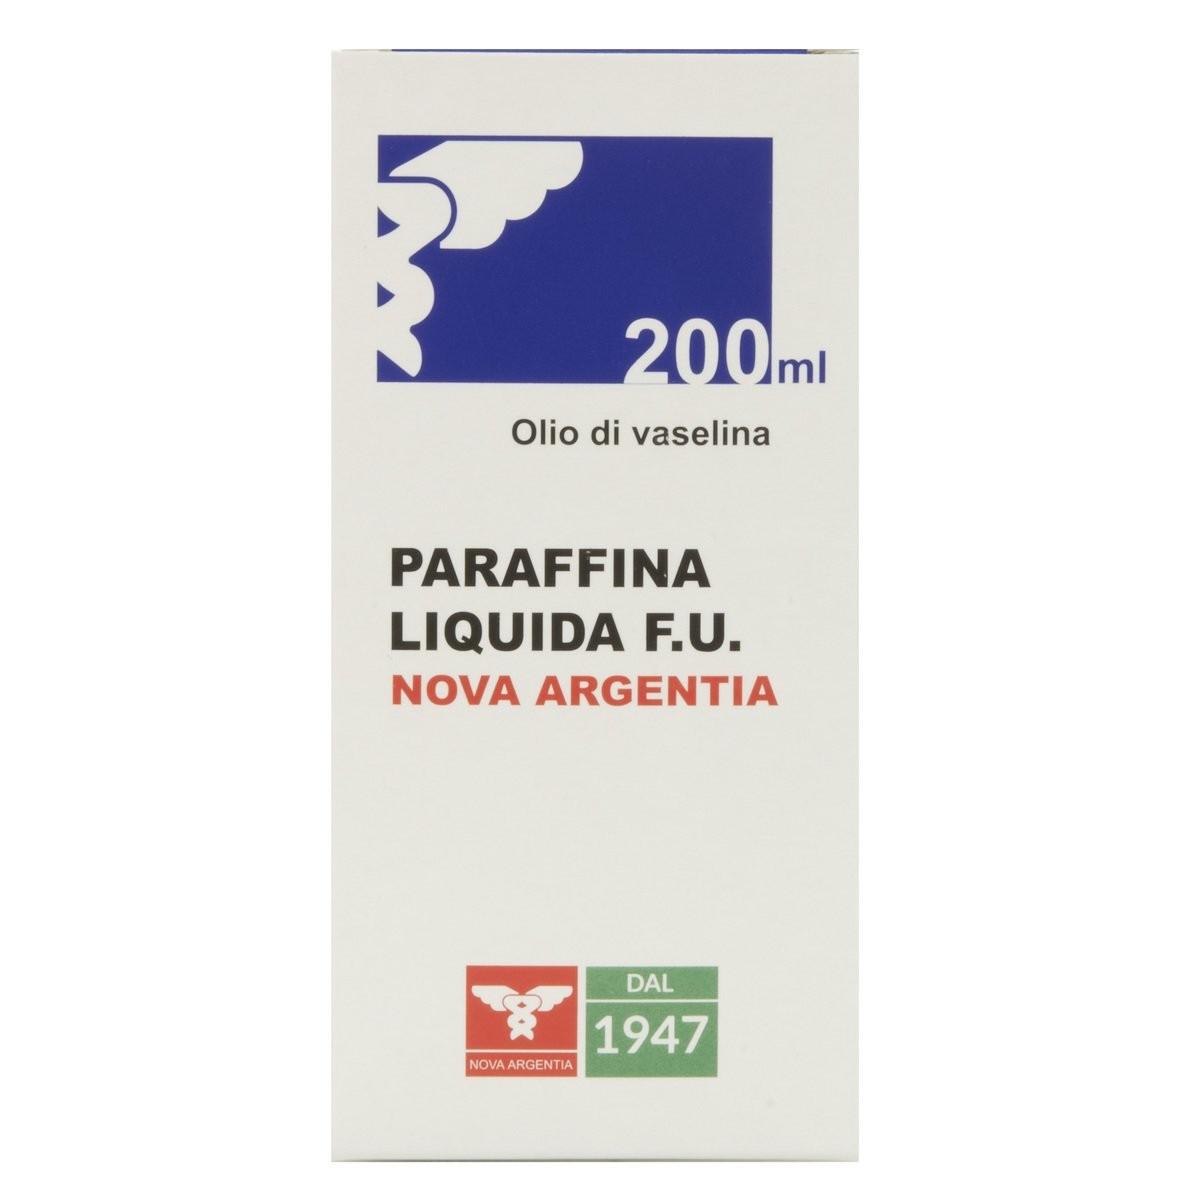 Nova Argentia Paraffina Liquida Olio di Vaselina